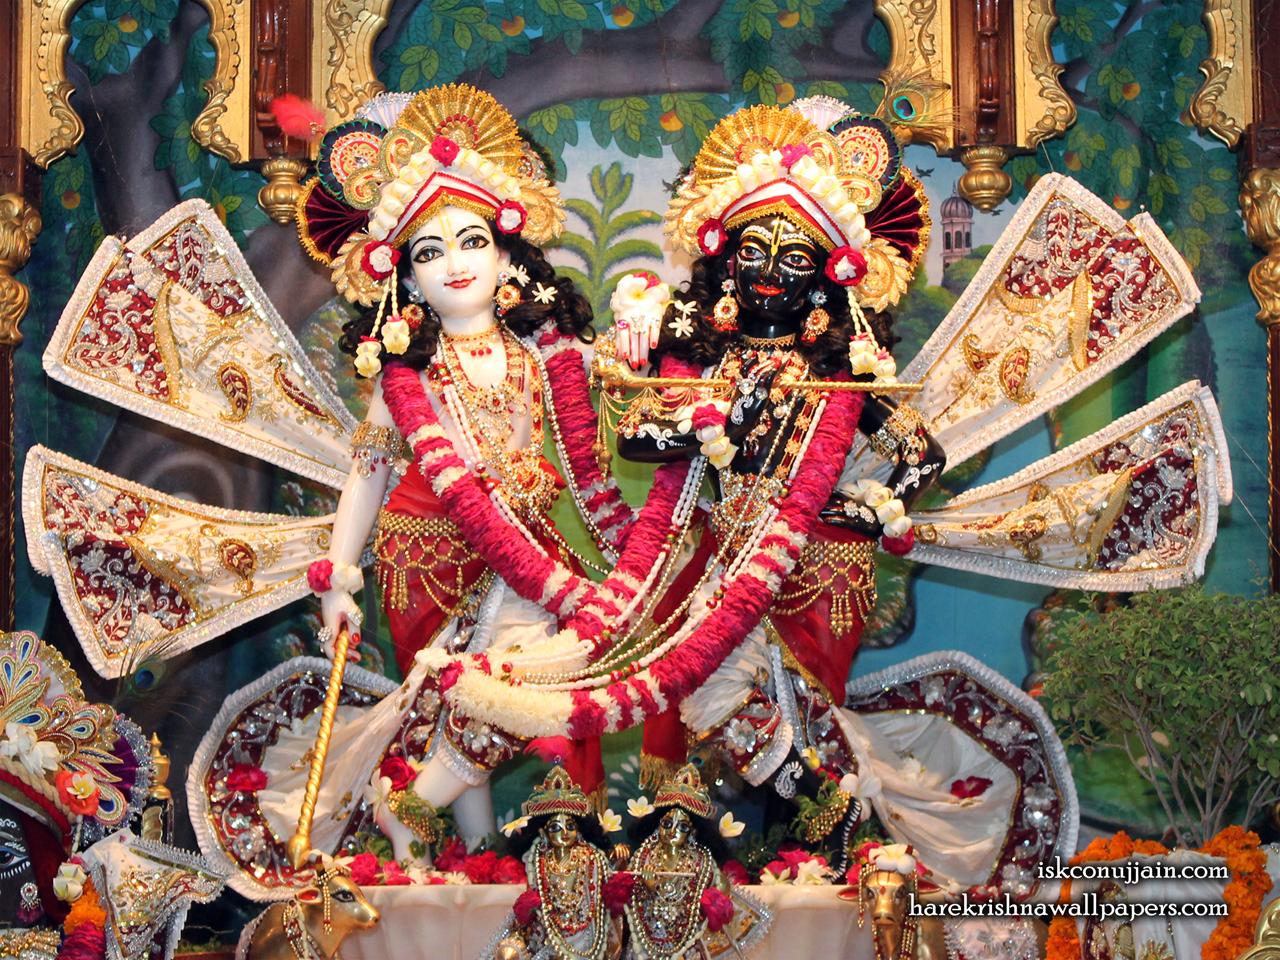 Sri Sri Krishna Balaram Wallpaper (009) Size 1280x960 Download